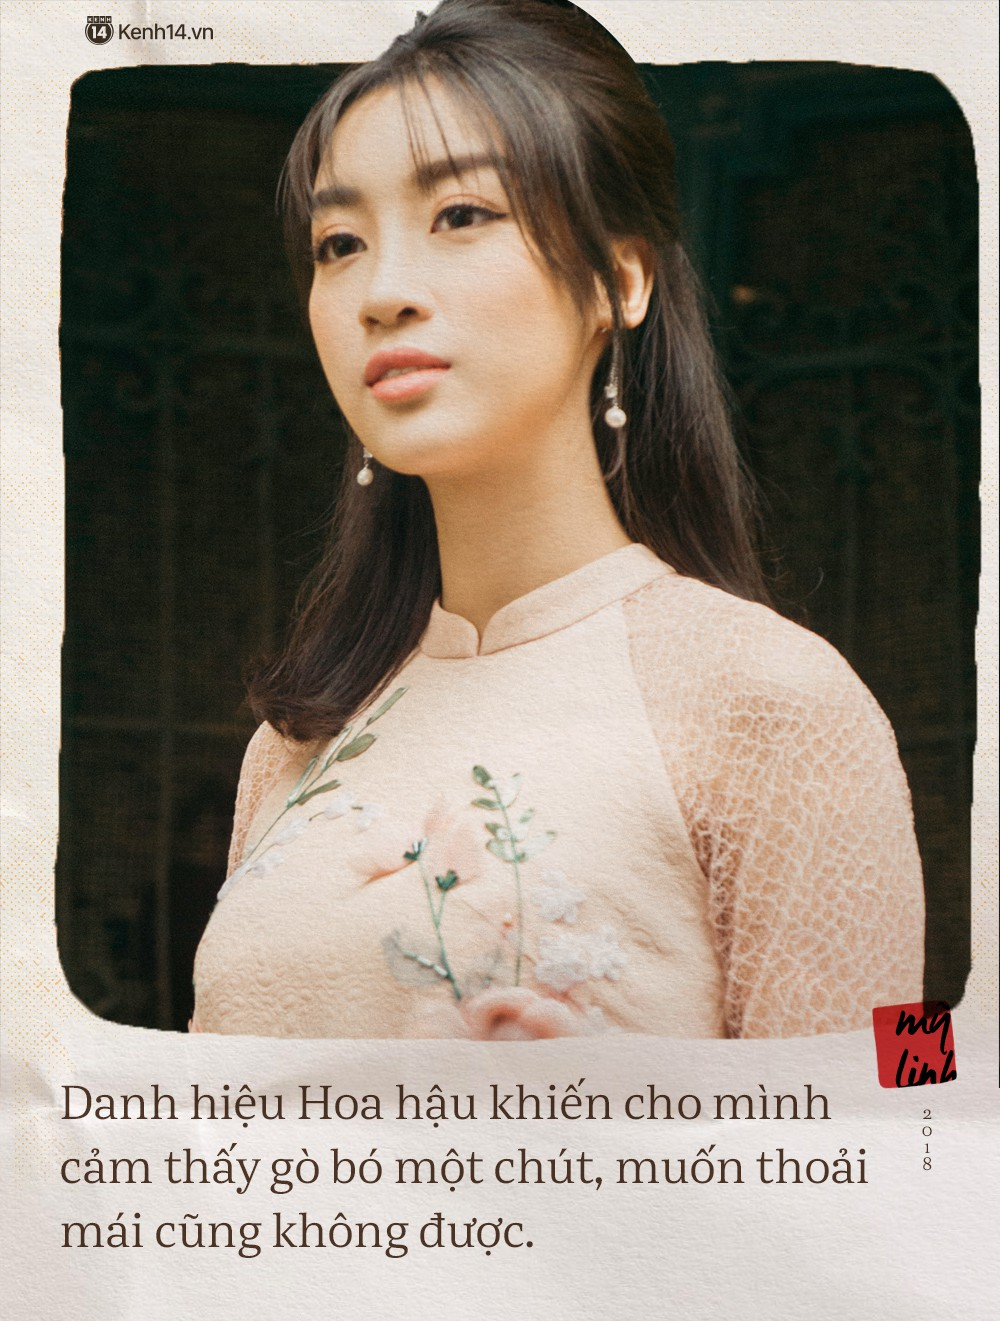 Hoa hậu Mỹ Linh kể chuyện Tết này vẫn ế, bật mí chi tiết về chuyến đi bão táp sang Trung Quốc cổ vũ U23 Việt Nam - Ảnh 5.